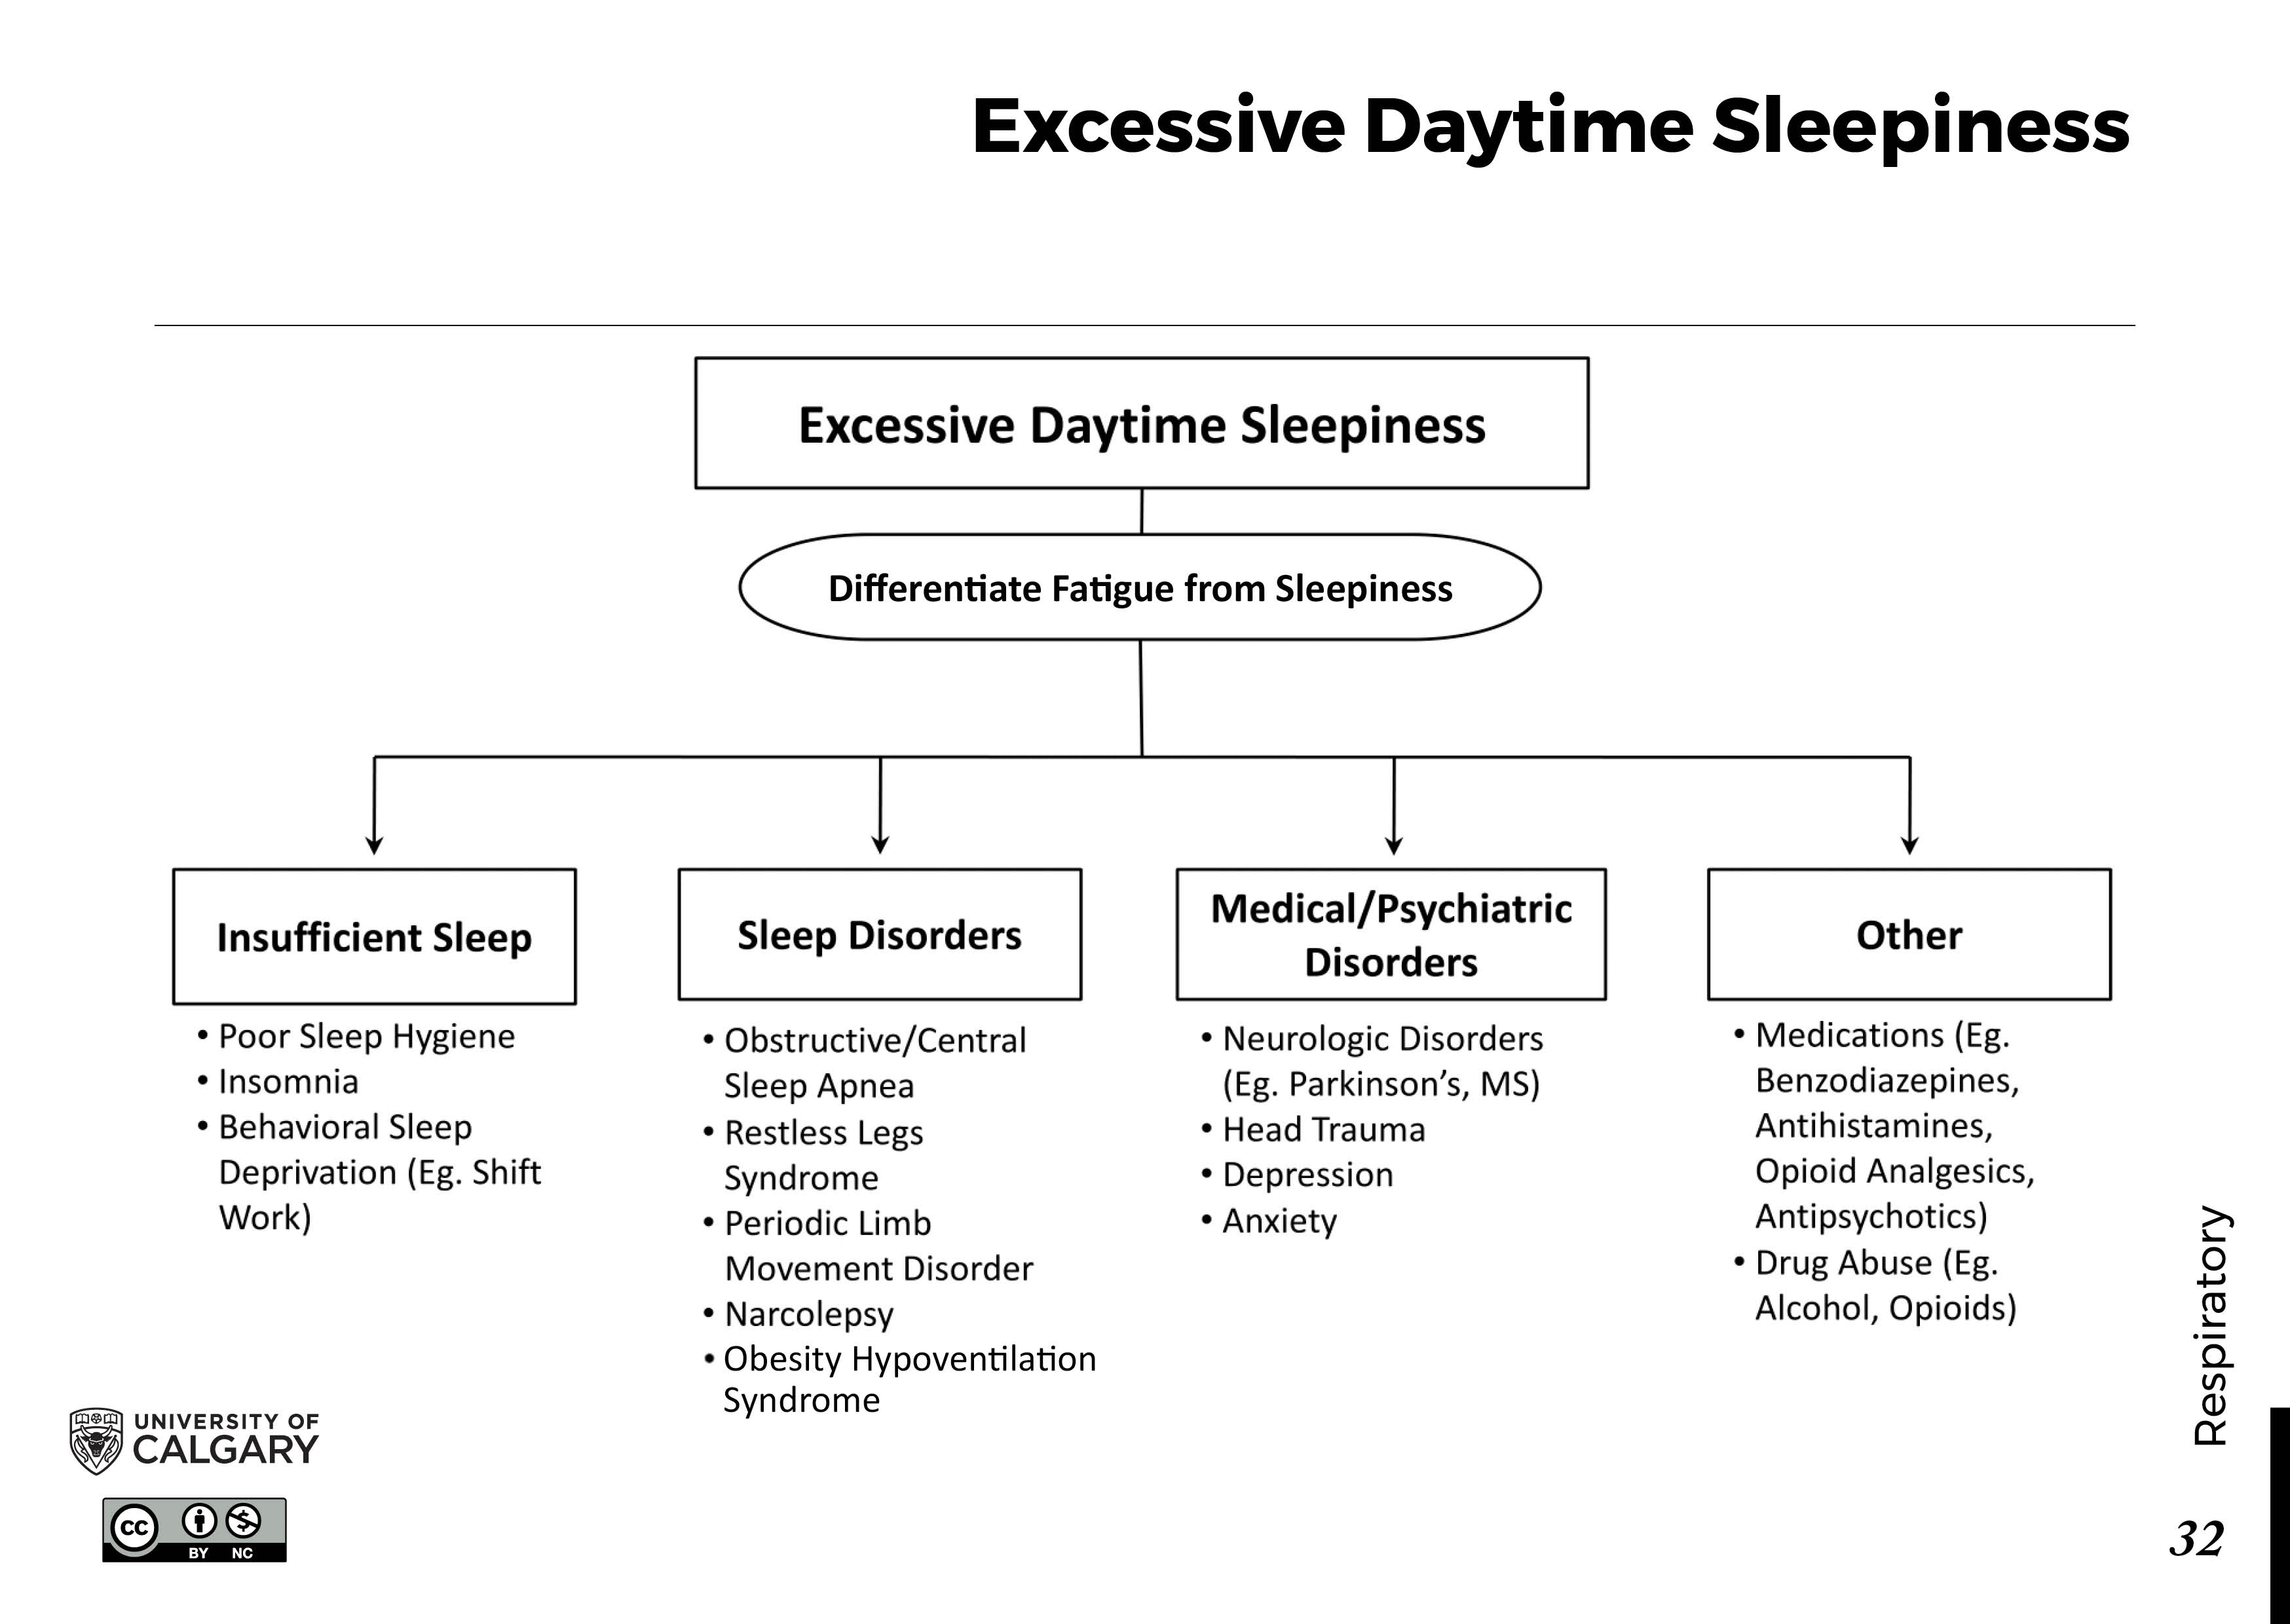 EXCESSIVE DAYTIME SLEEPINESS Scheme